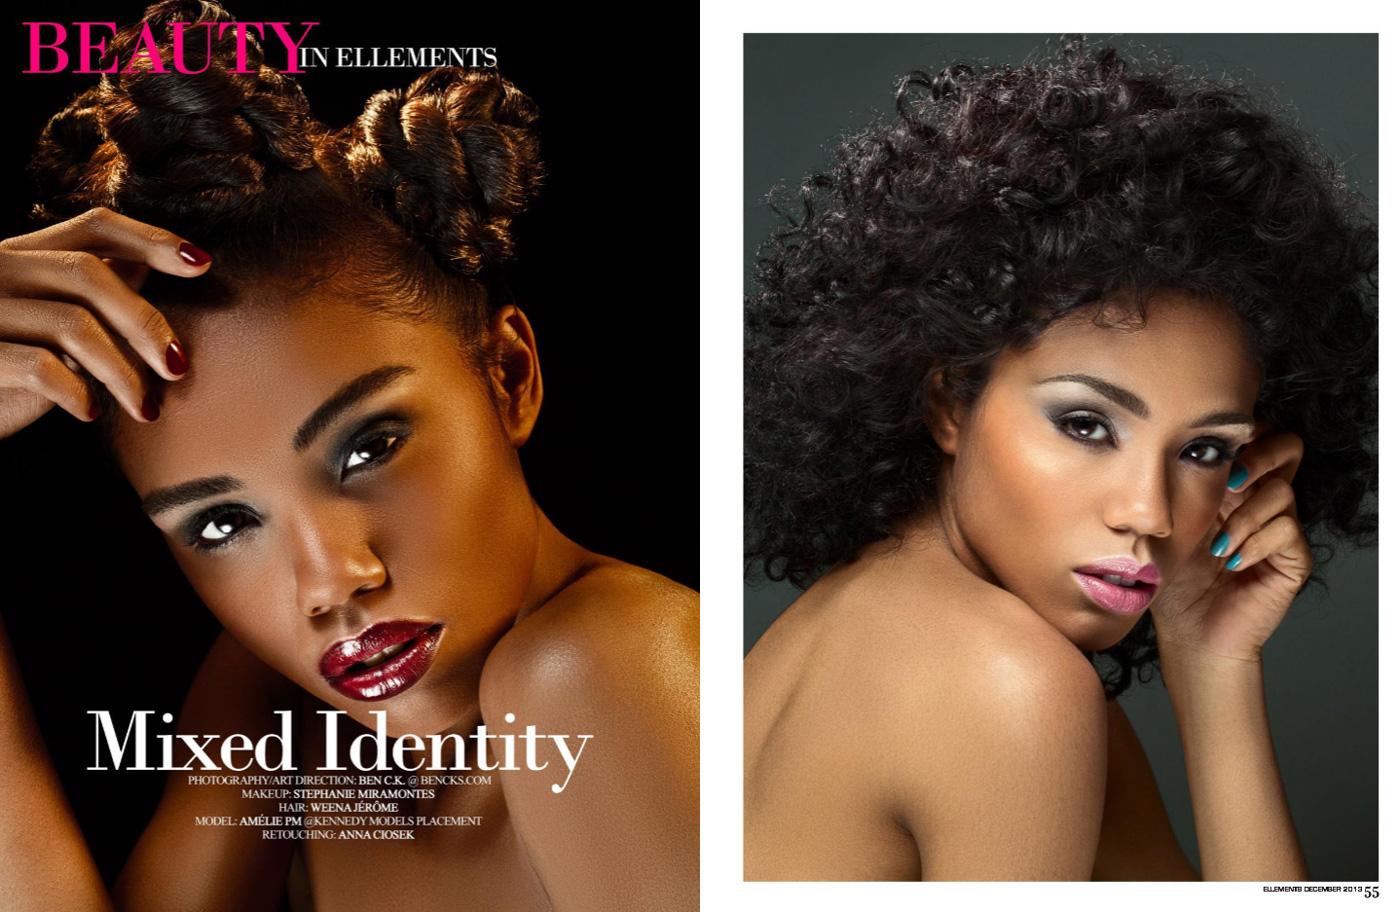 Mixed Identity P1P2